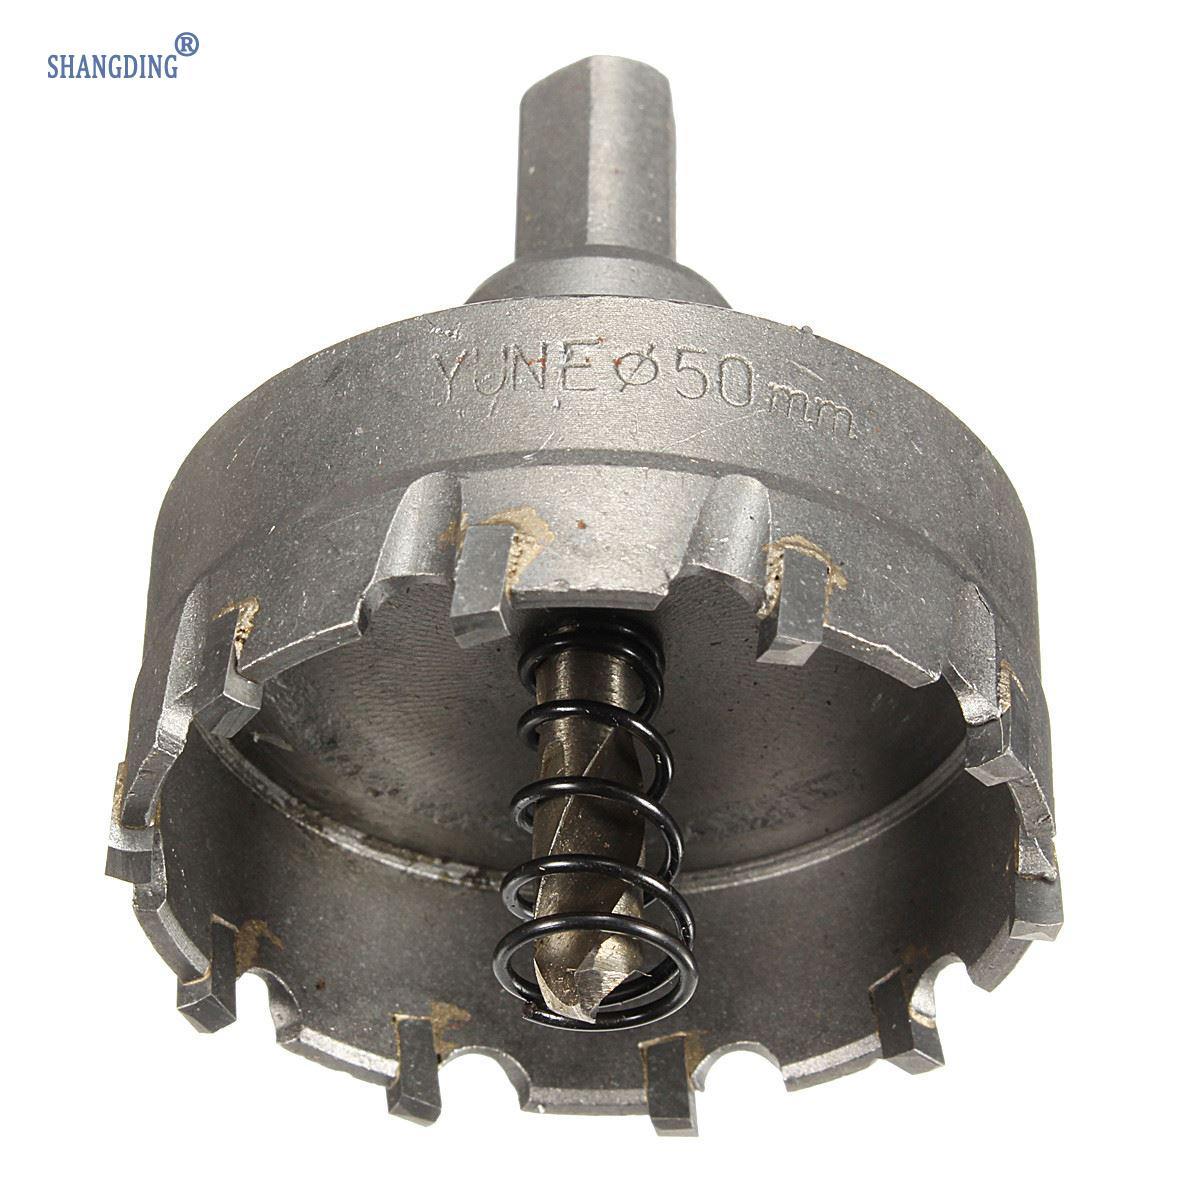 1 zestaw 48mm węglikowa końcówka TCT Wiertło do metalu Otwornica - Wiertło - Zdjęcie 3